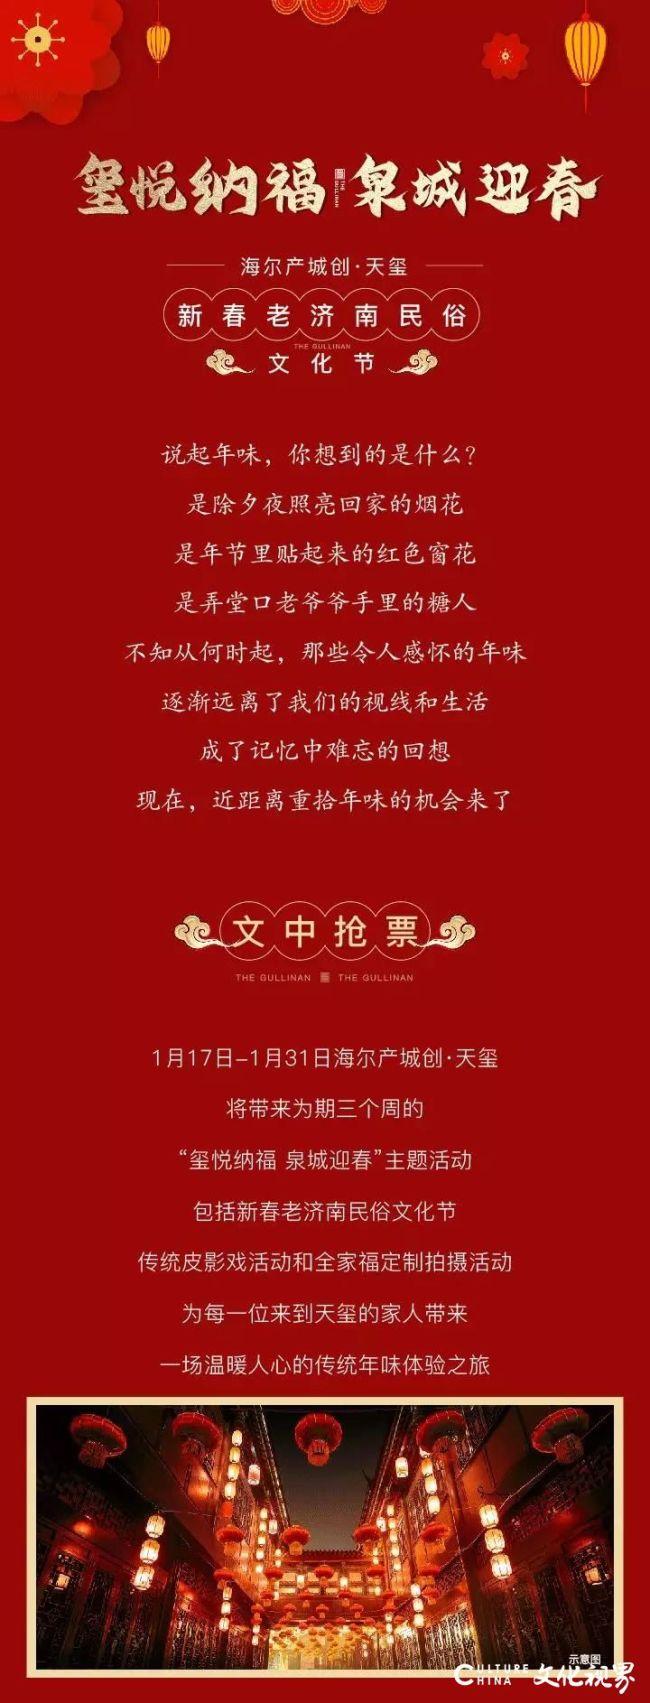 """扎花灯、做糖画、看皮影……济南海尔产城创·天玺""""玺悦纳福 泉城迎春""""主题活动开启传统年味体验之旅"""